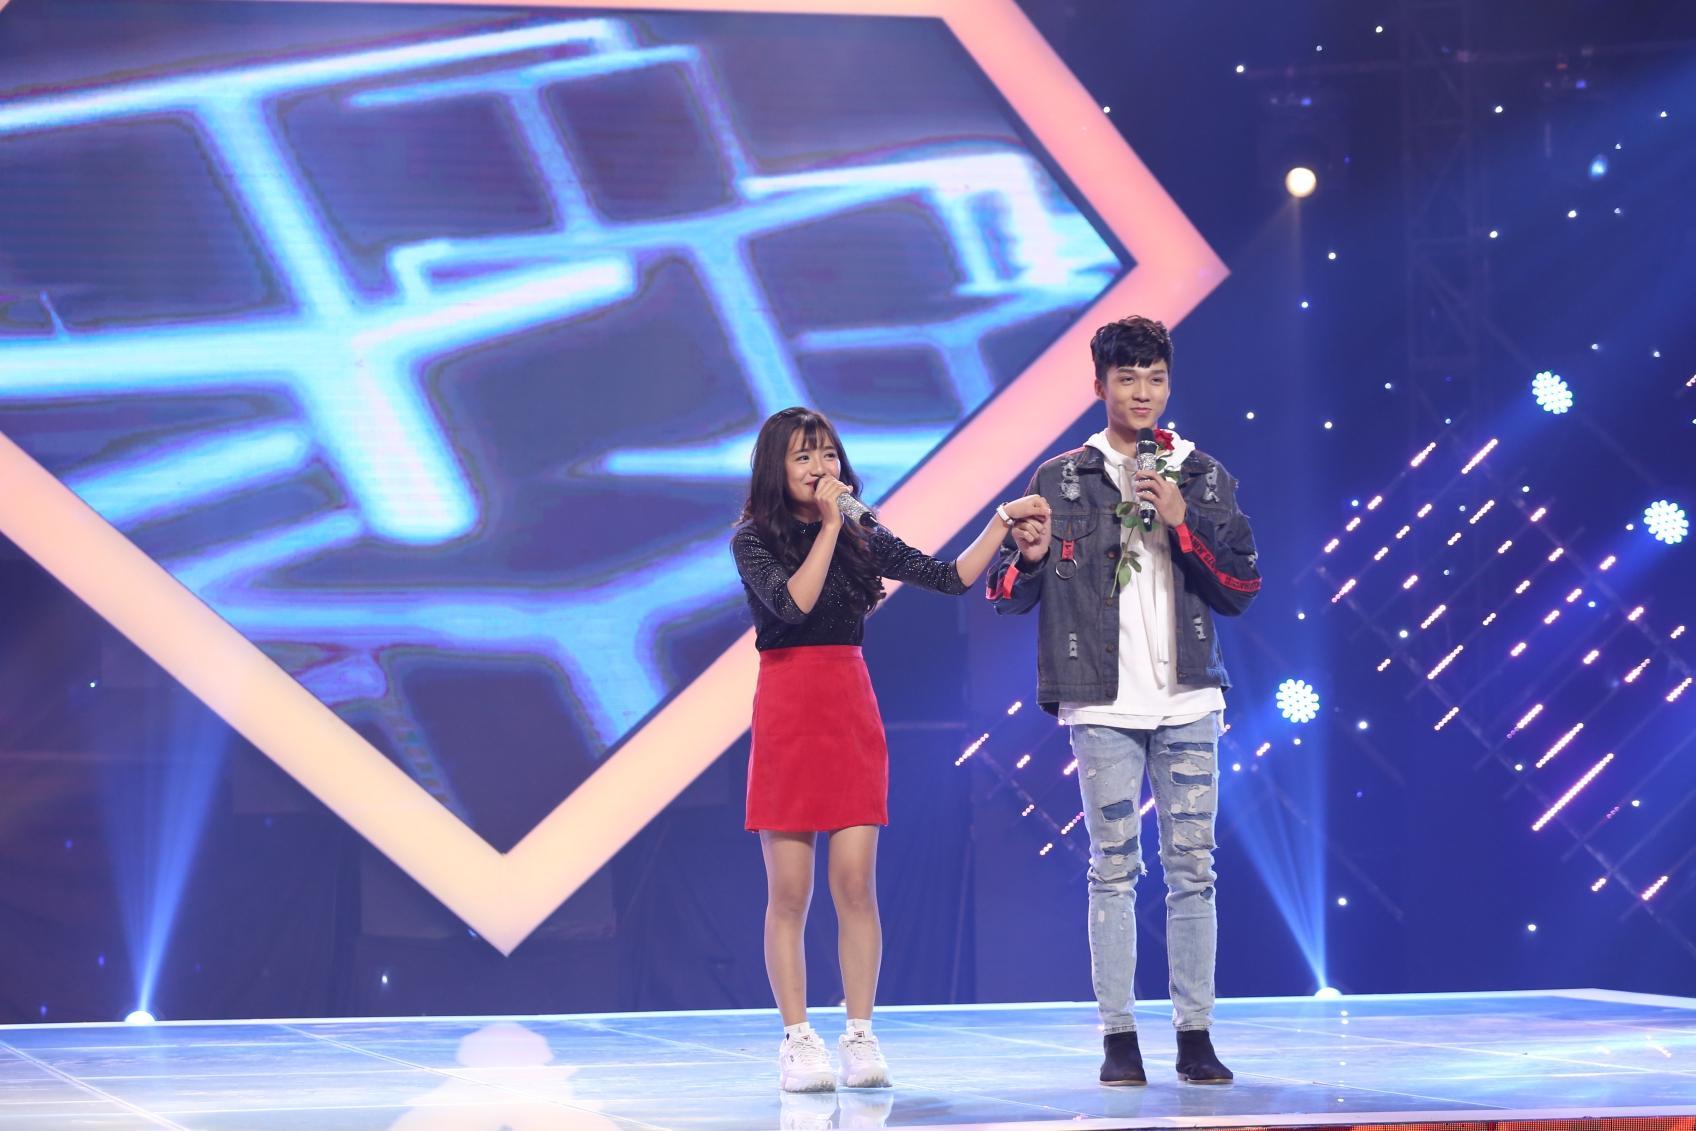 Bạn gái Sơn Tùng nhờ cậy chương trình âm nhạc tìm người yêu nhưng bị Minh Hằng phản đối-4